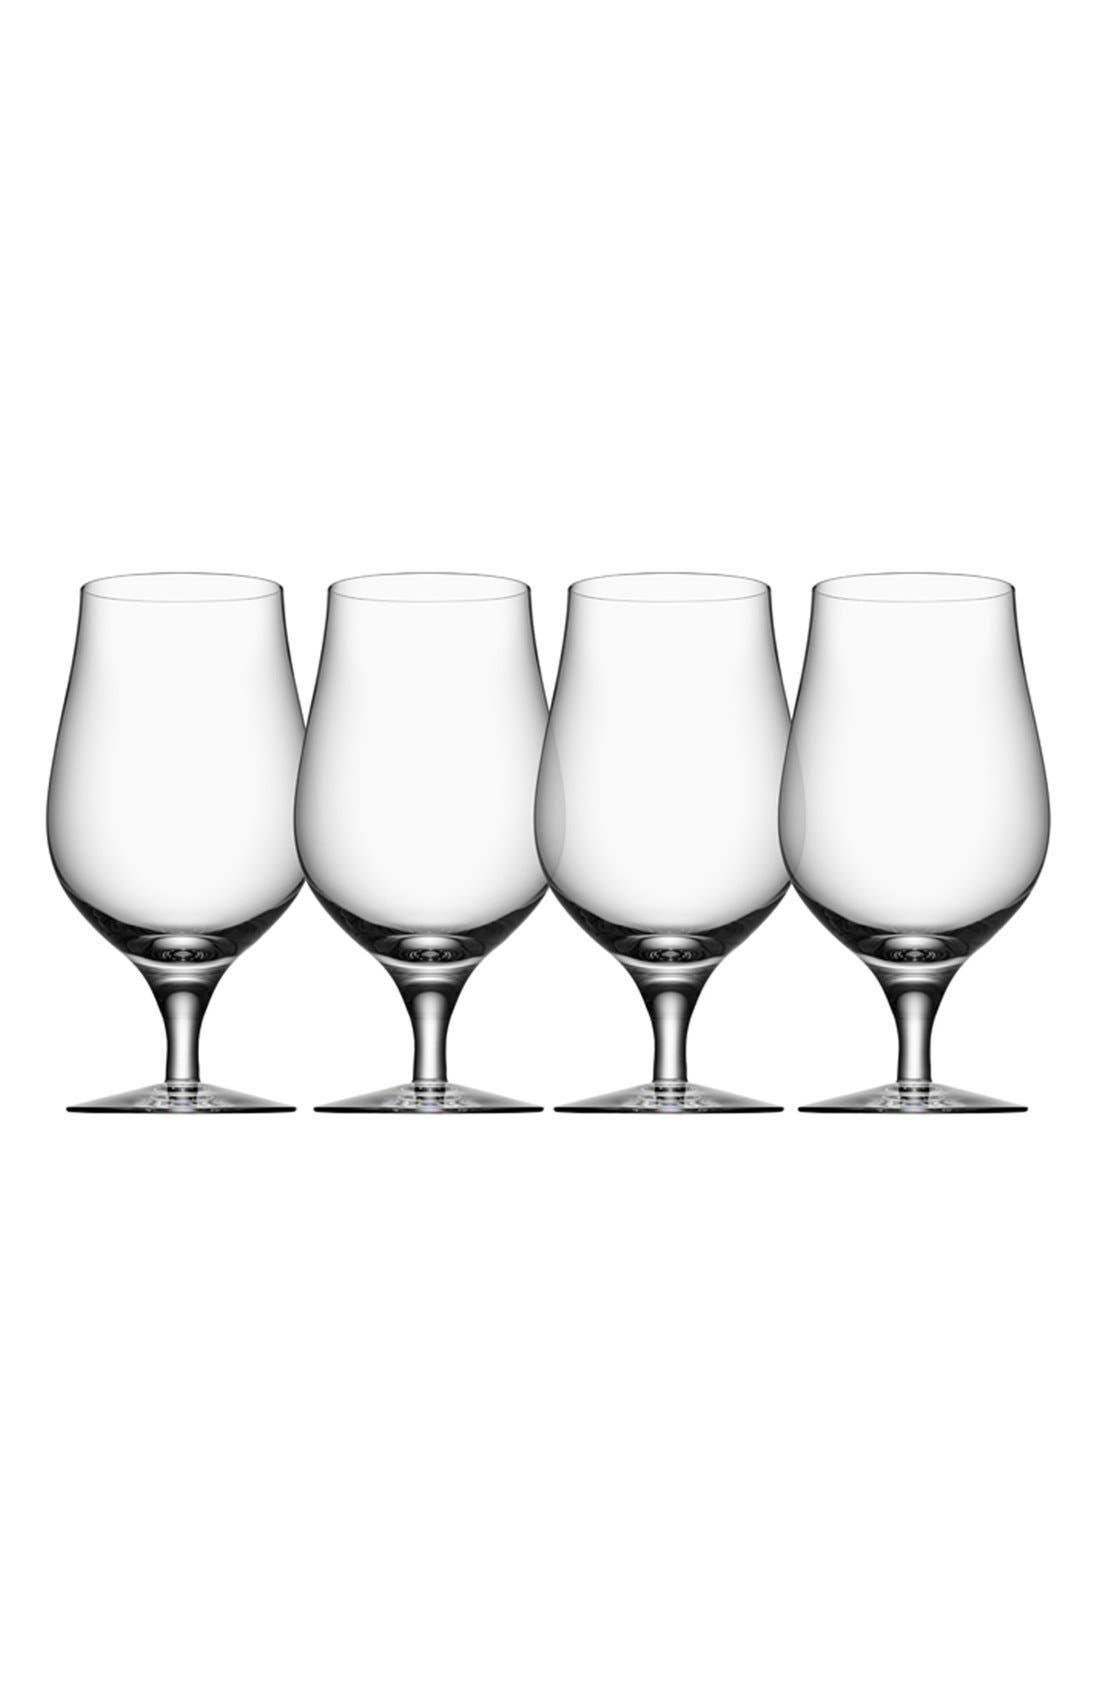 Orrefors 'Taster' Glasses (Set of 4)